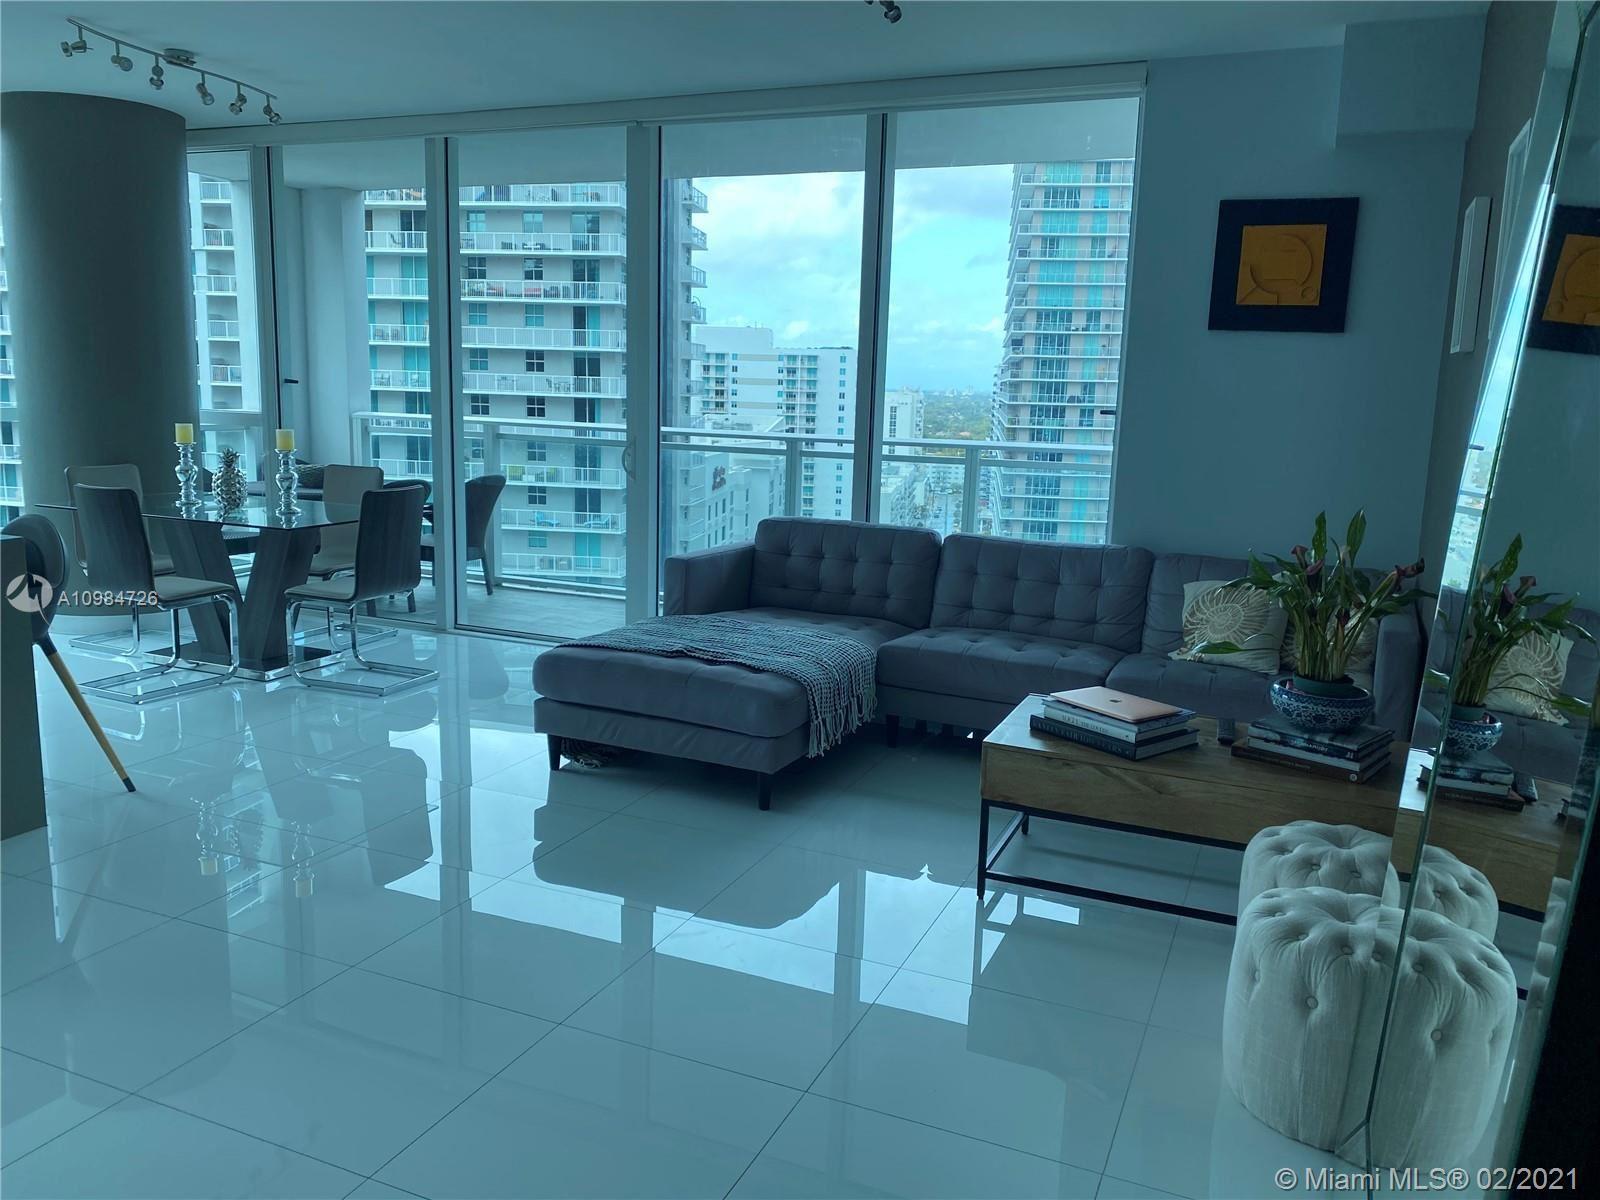 1080 Brickell Ave #1801, Miami, FL 33131 - #: A10984726